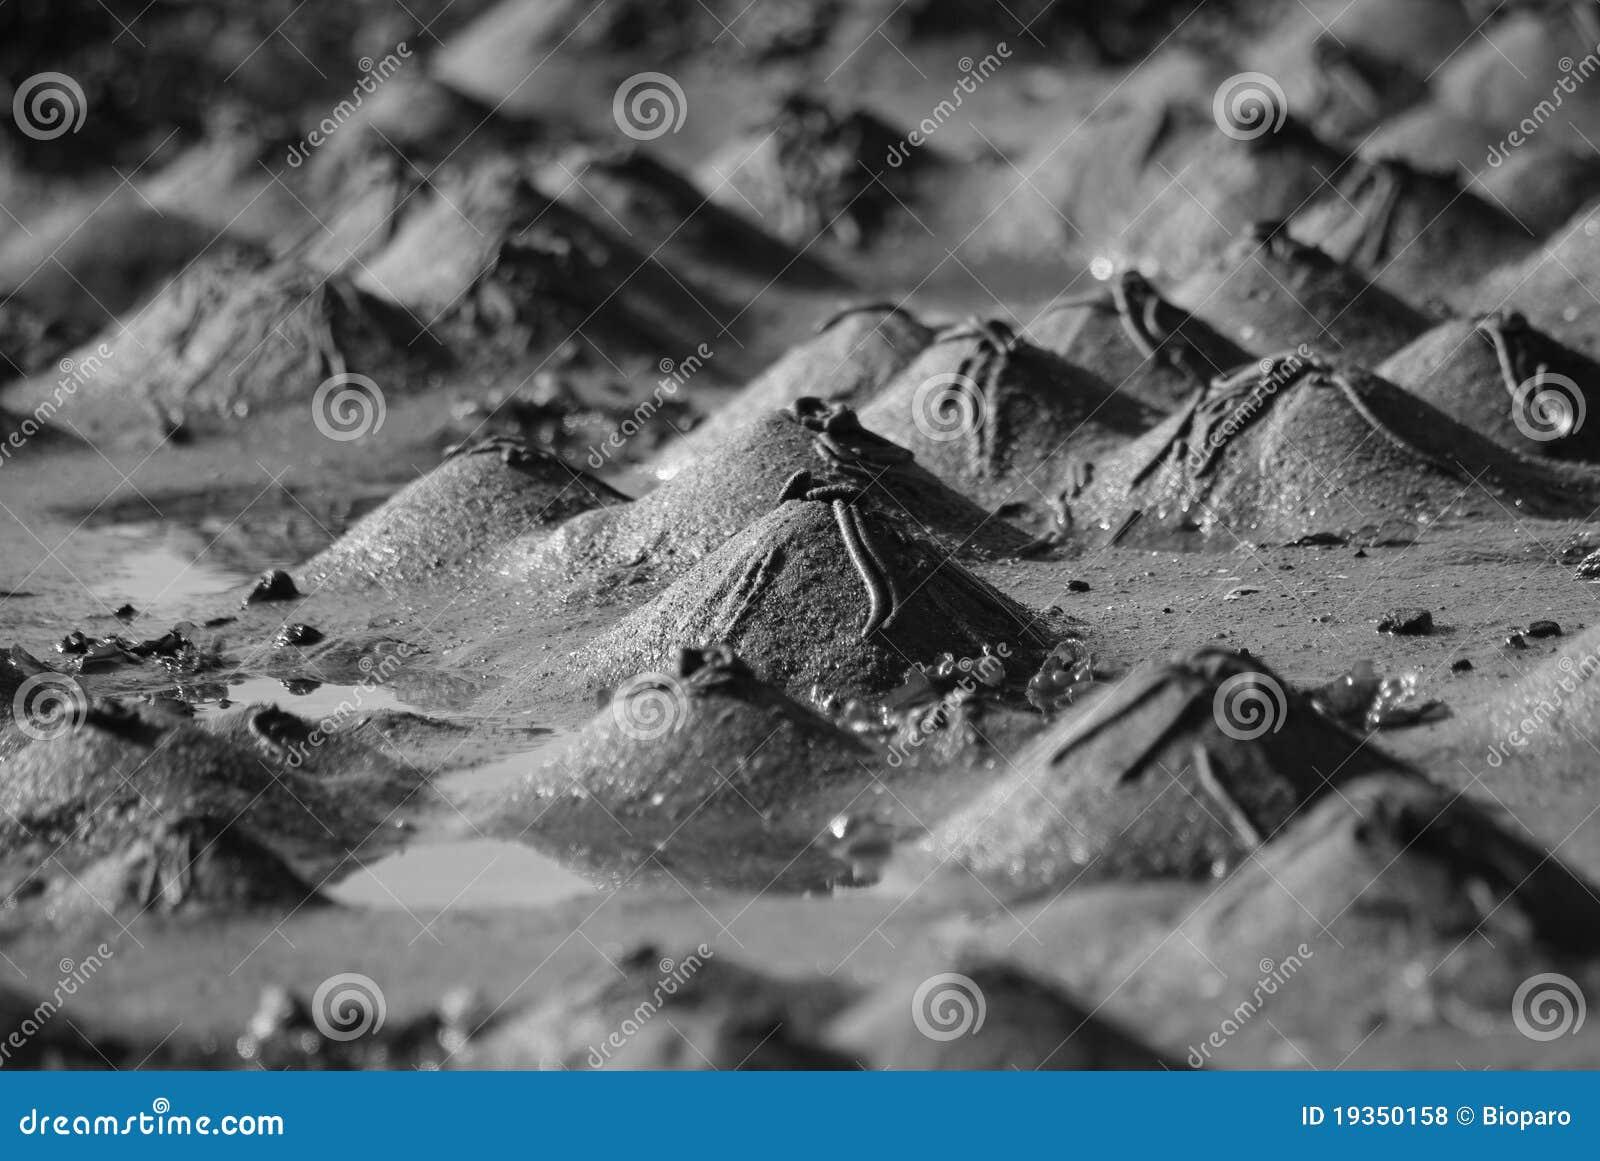 Dunas de areia